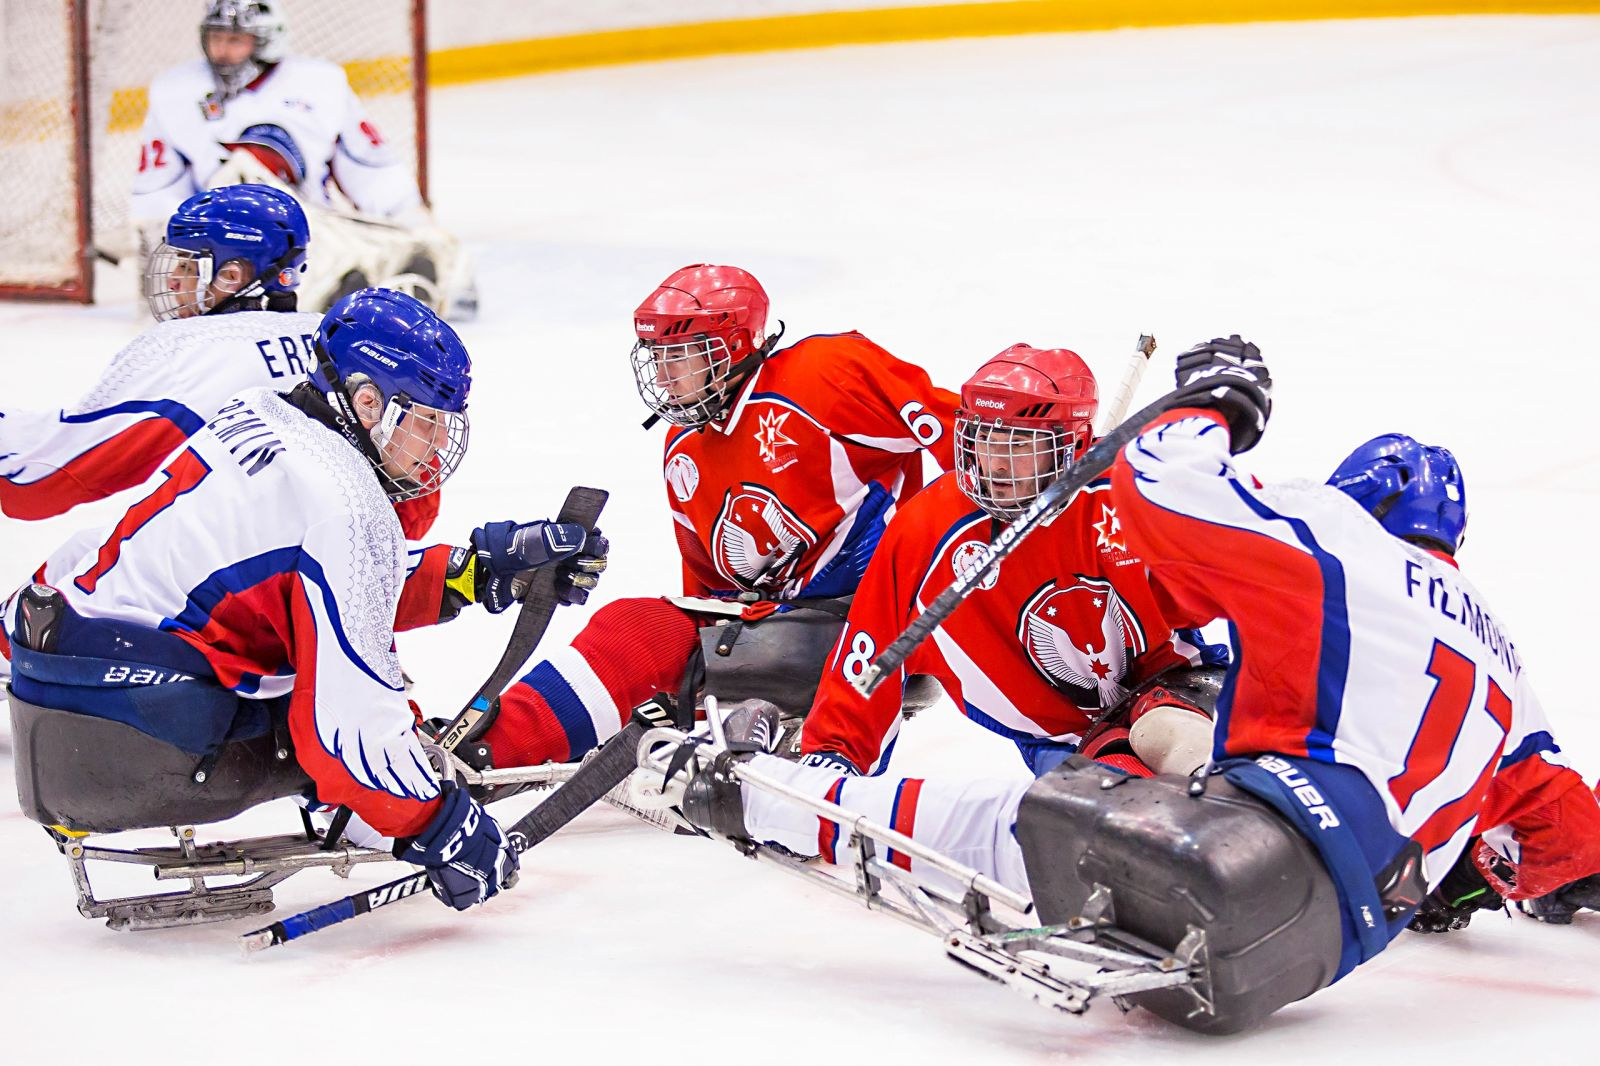 Итоги второго дня первого круга чемпионата России по следж-хоккею в Ижевске